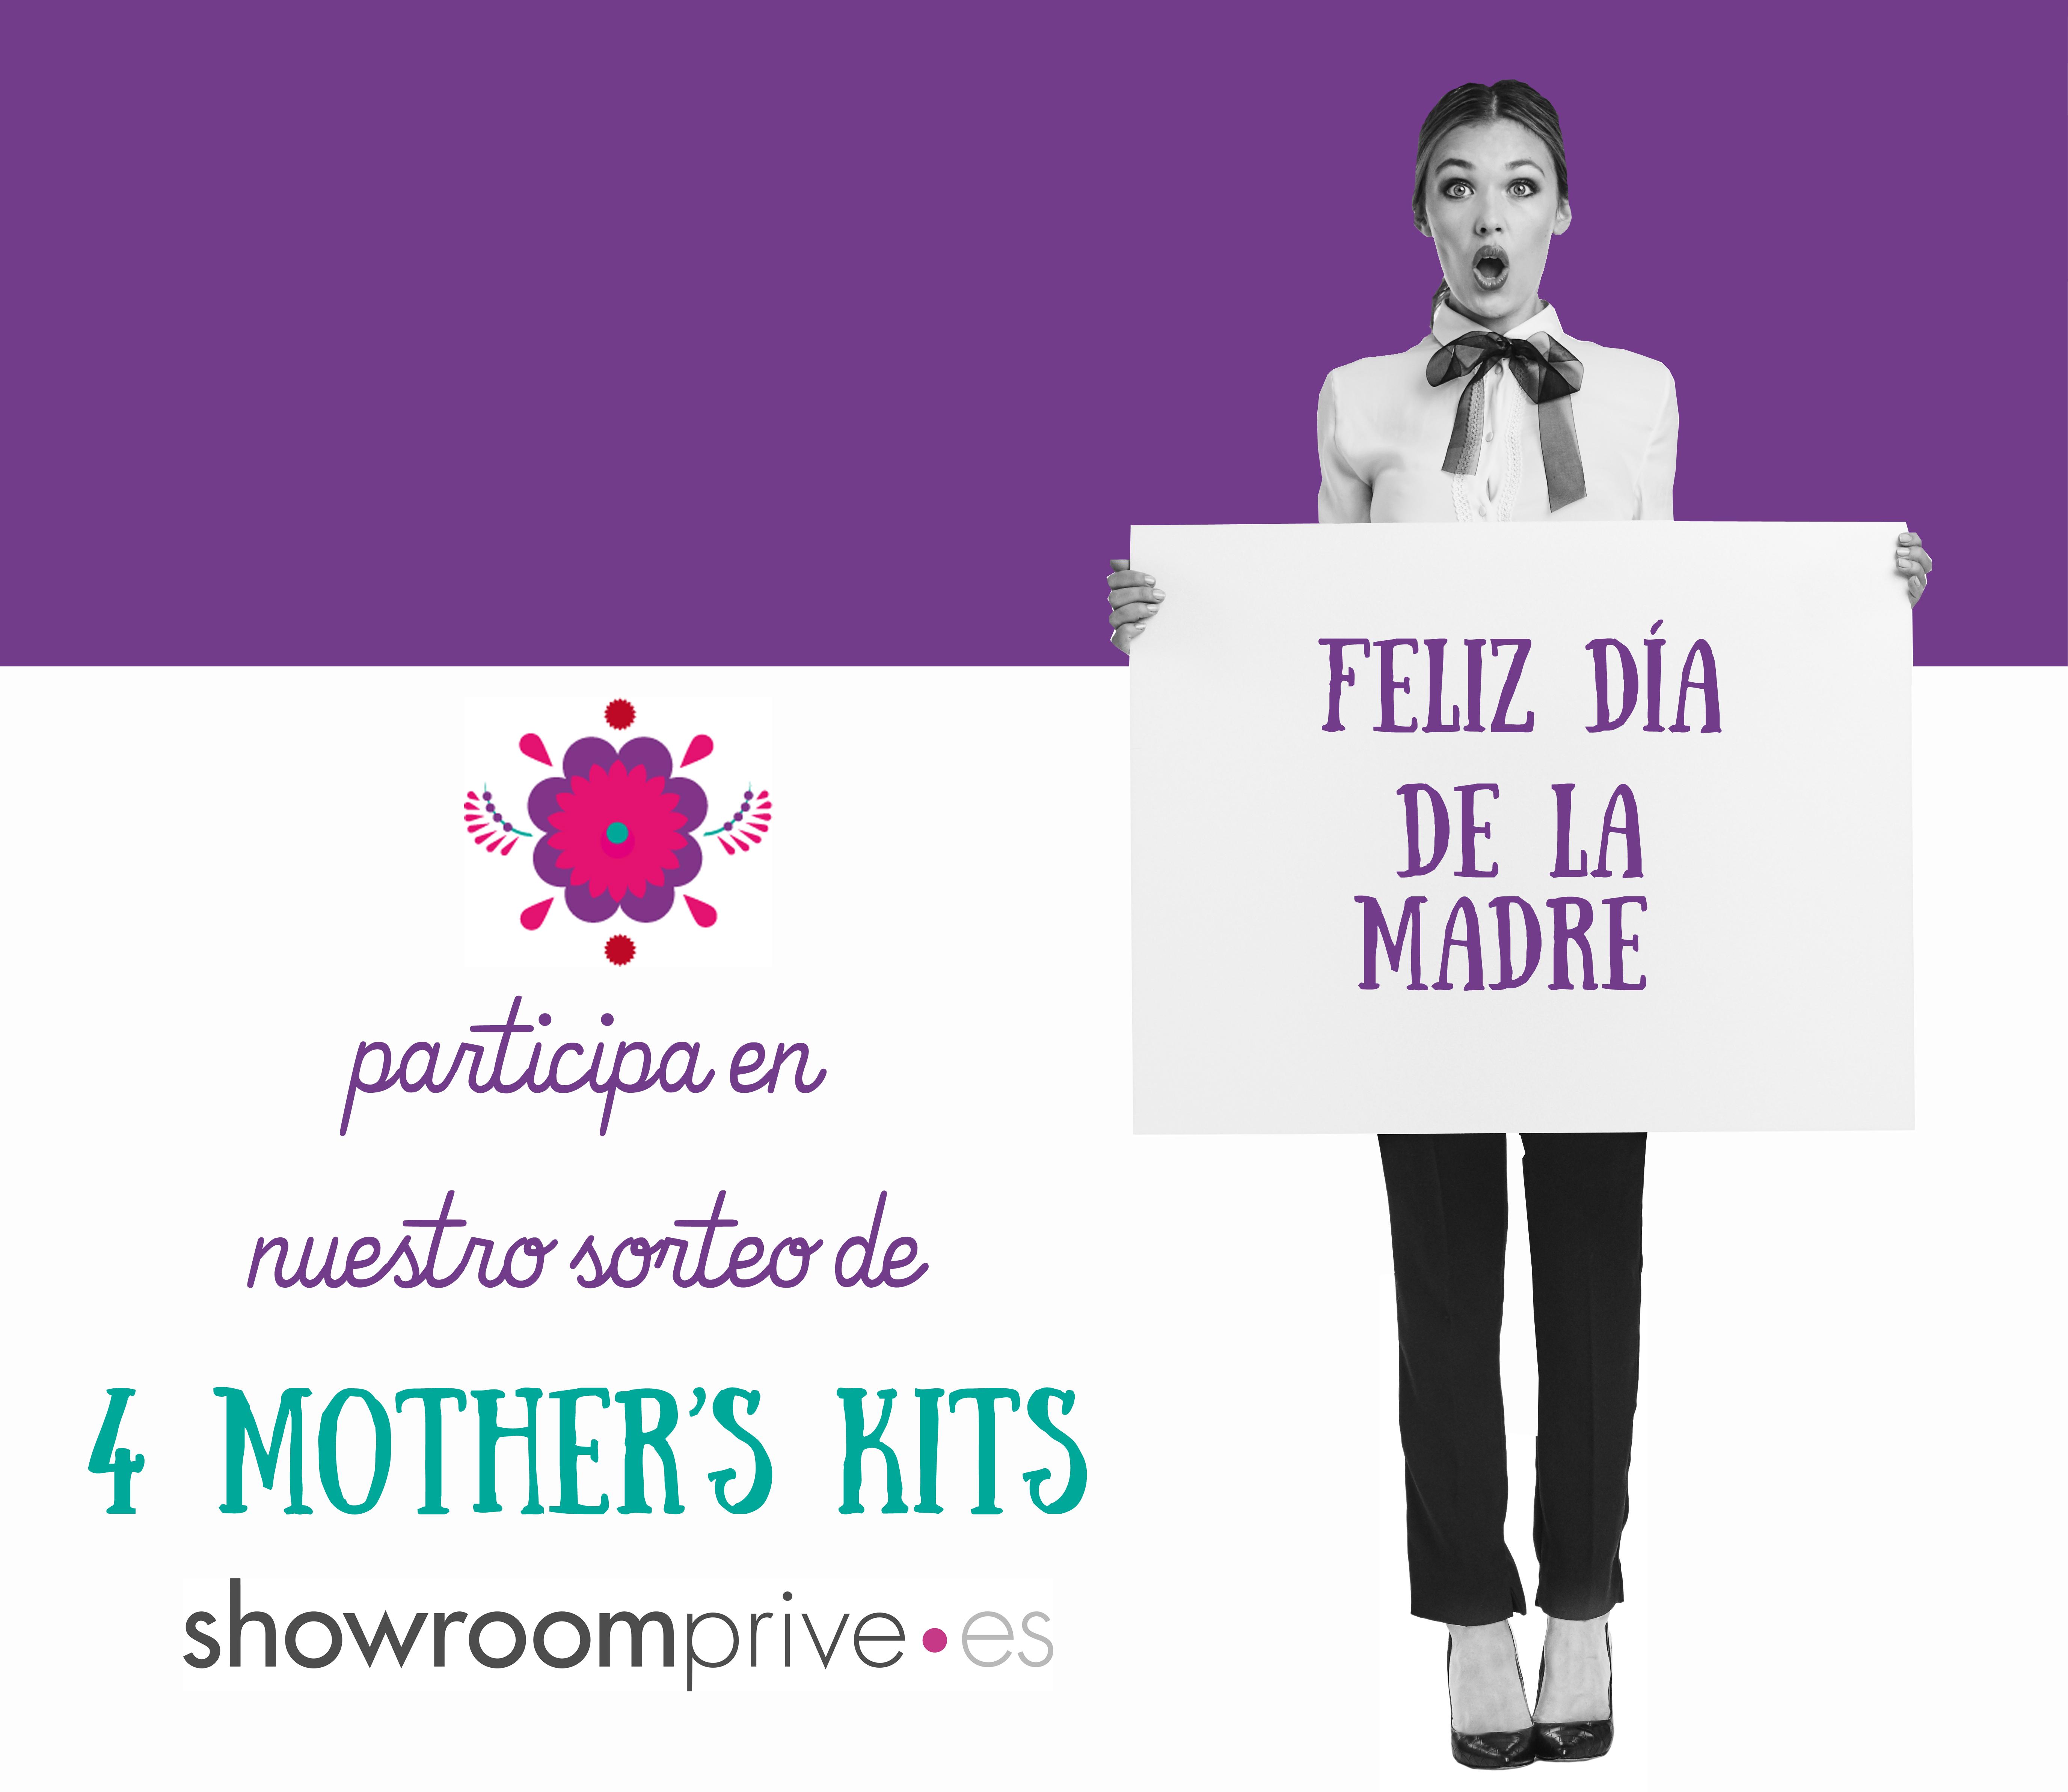 Feliz dia de la madre madres molonas